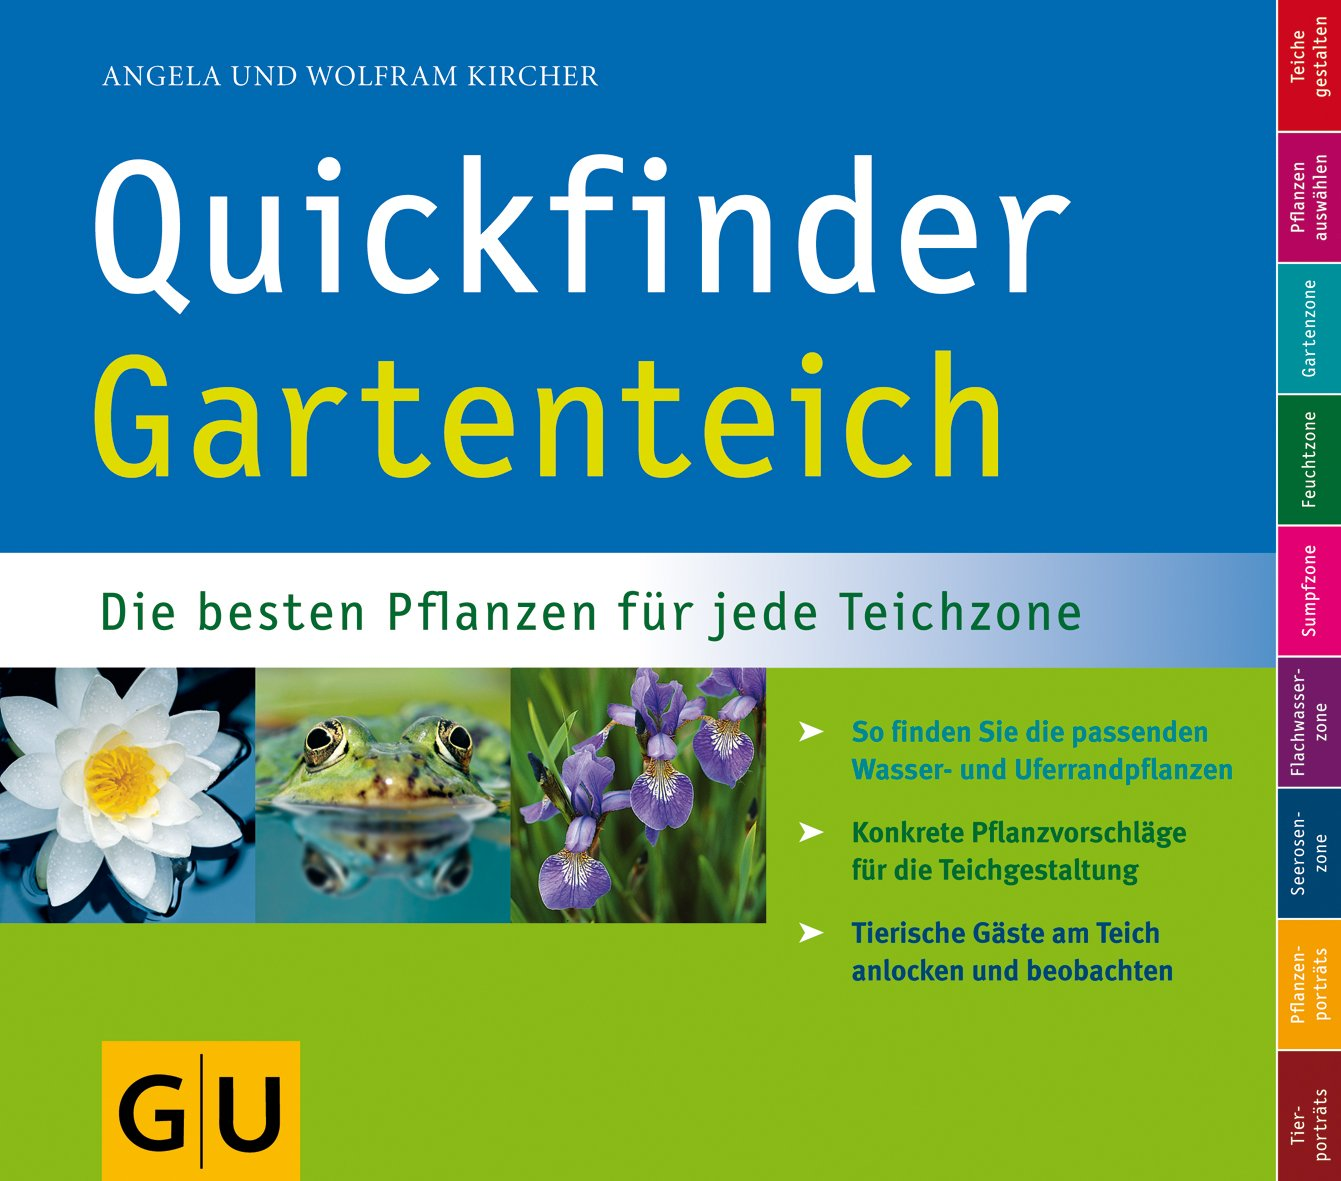 Quickfinder Gartenteich: Die besten Pflanzen für jede Teichzone. So finden Sie die passenden Wasser- und Uferrandpflanzen. (GU Altproduktion HHG)